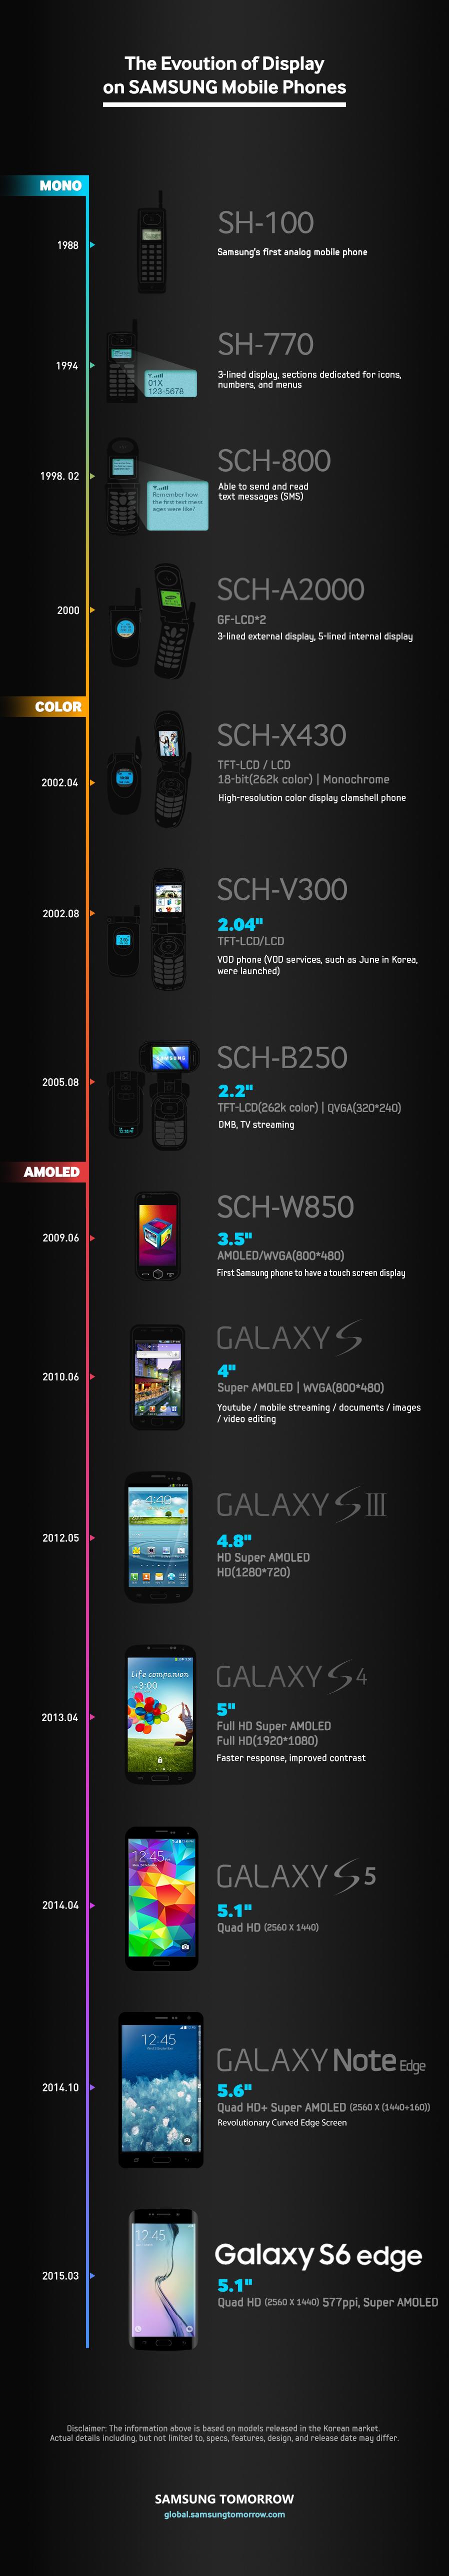 Infographic ���������� ������ ���� ����� ����� ������ �������